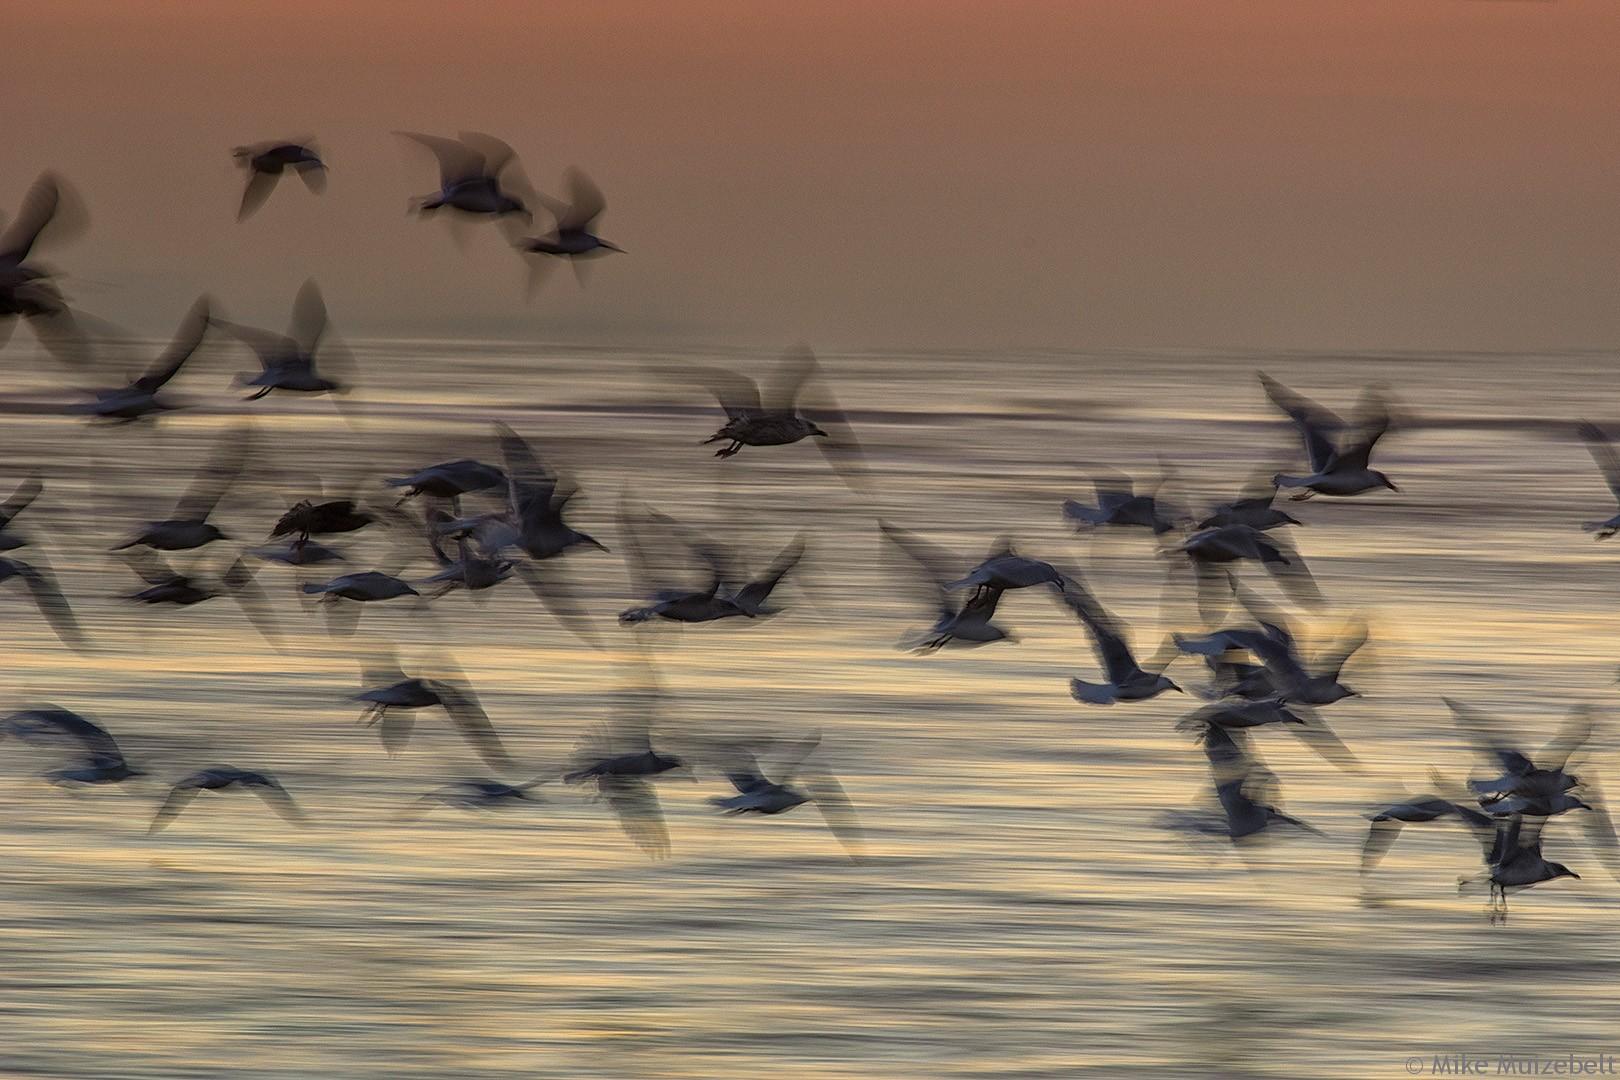 #wassenaar #sunset #beach #red #scheveningen #seagulls #wisher #motion #ocean